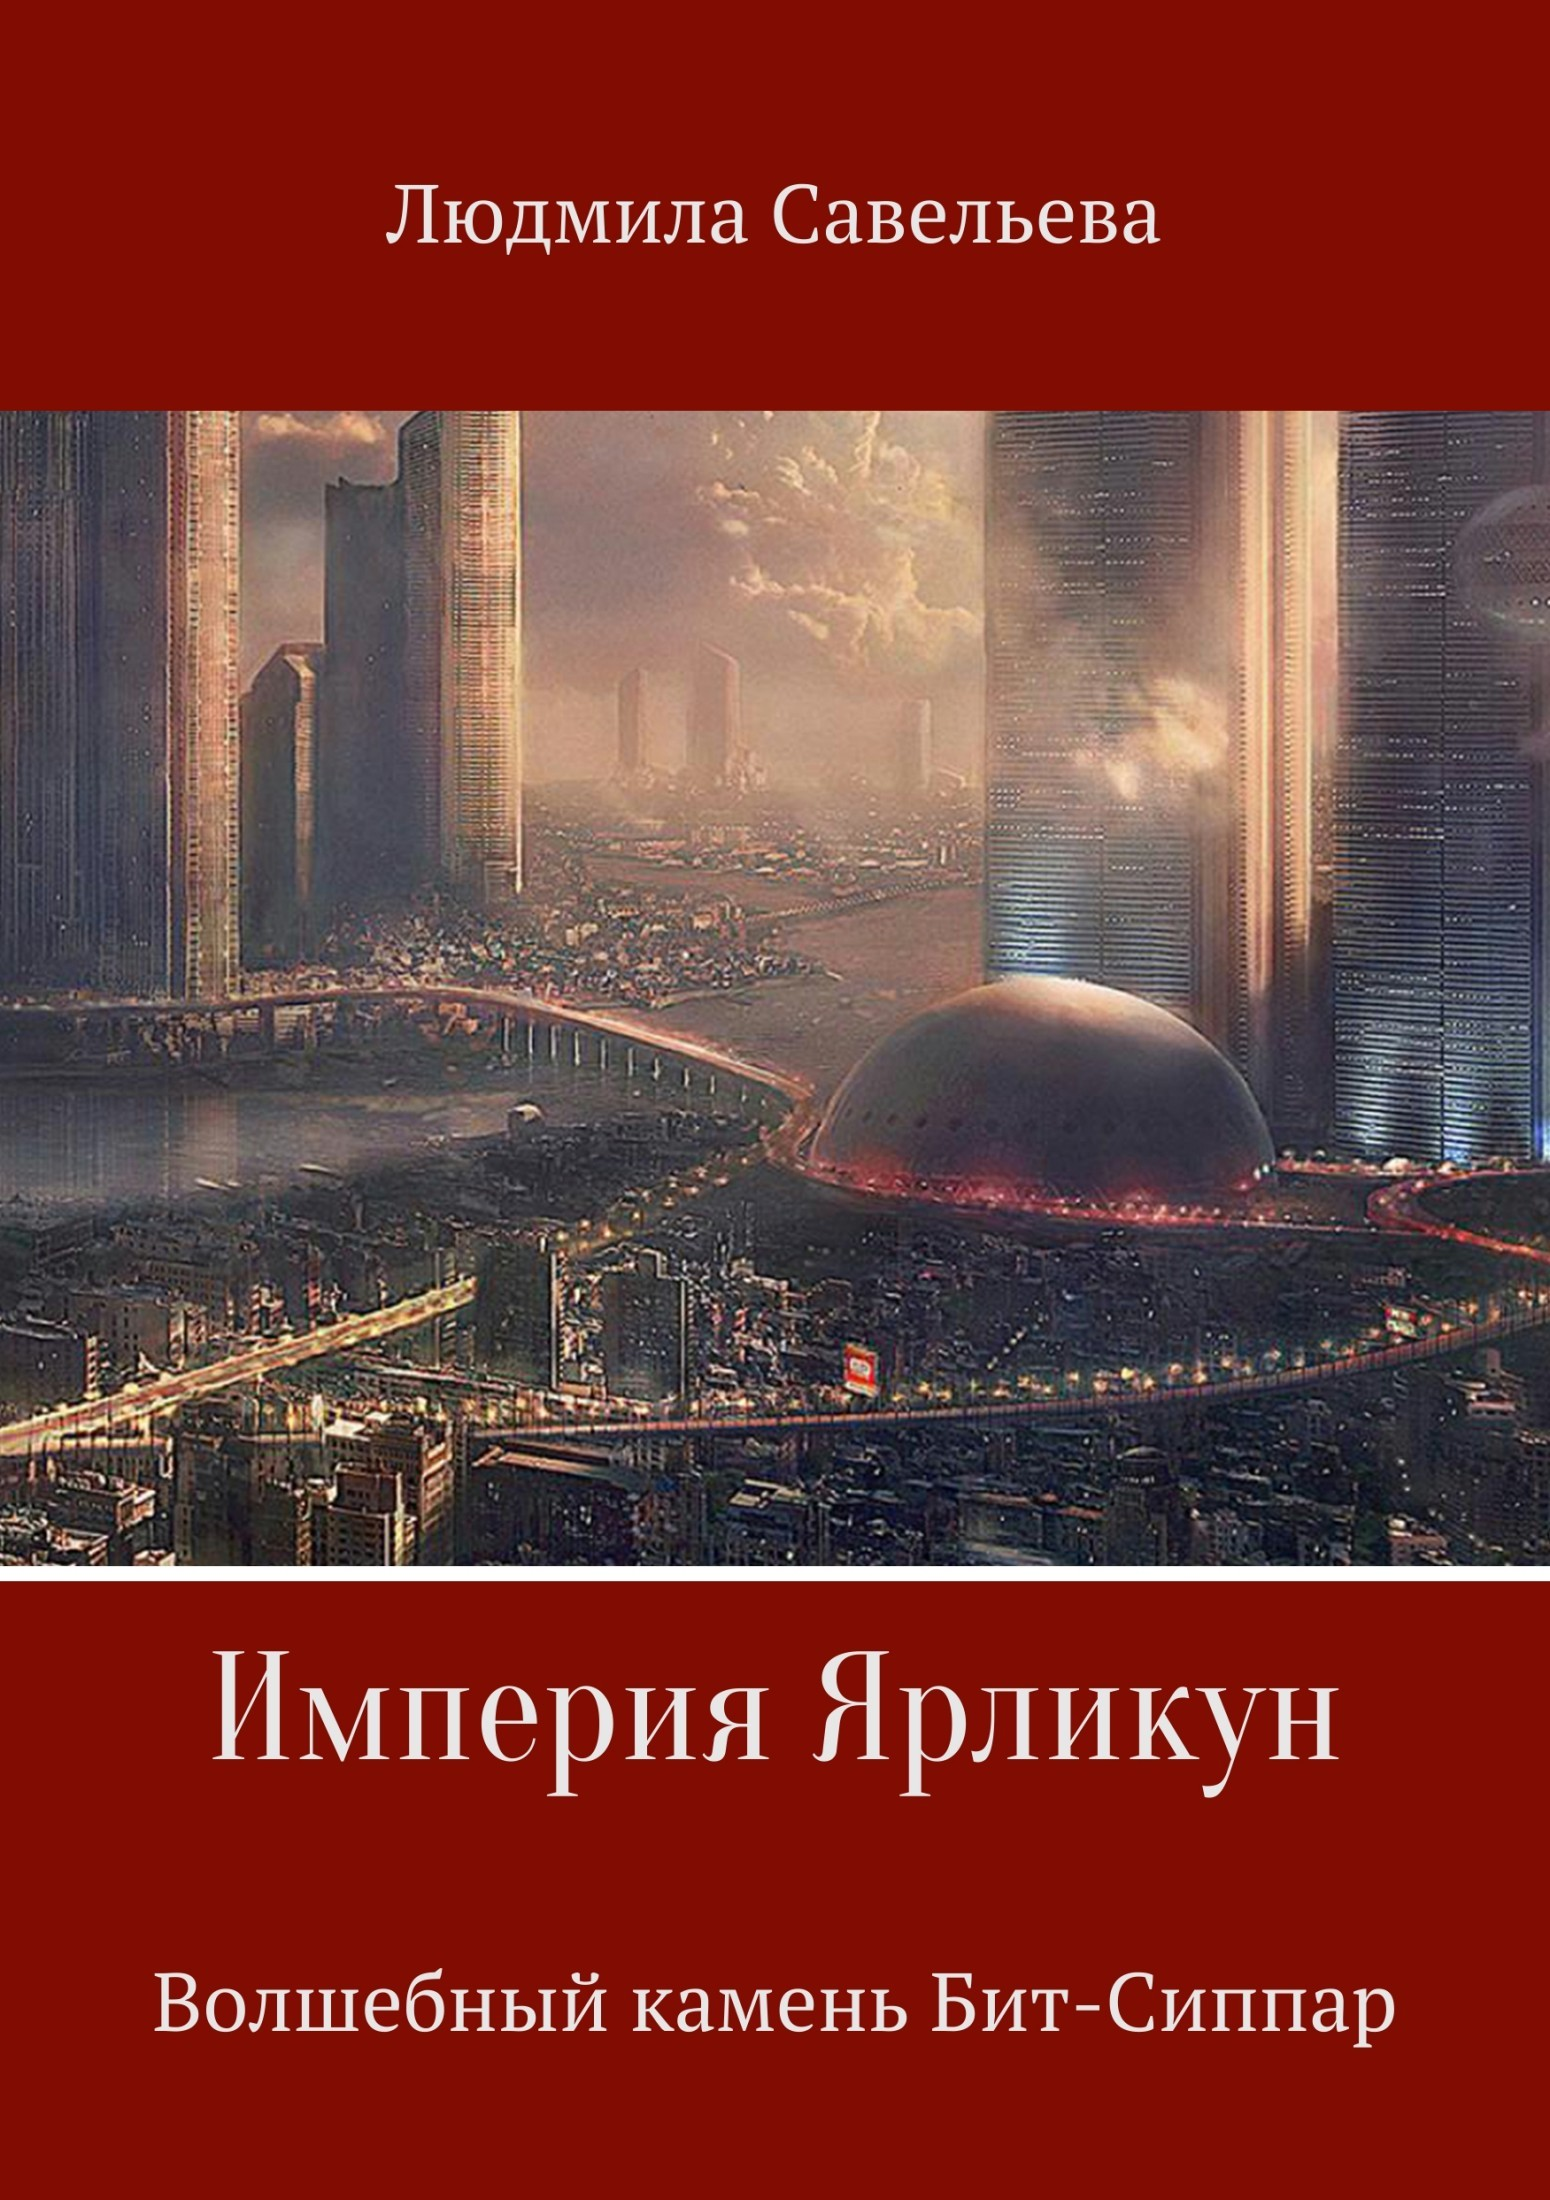 Людмила Савельева - Империя Ярликун. Волшебный камень Бит-Сиппар